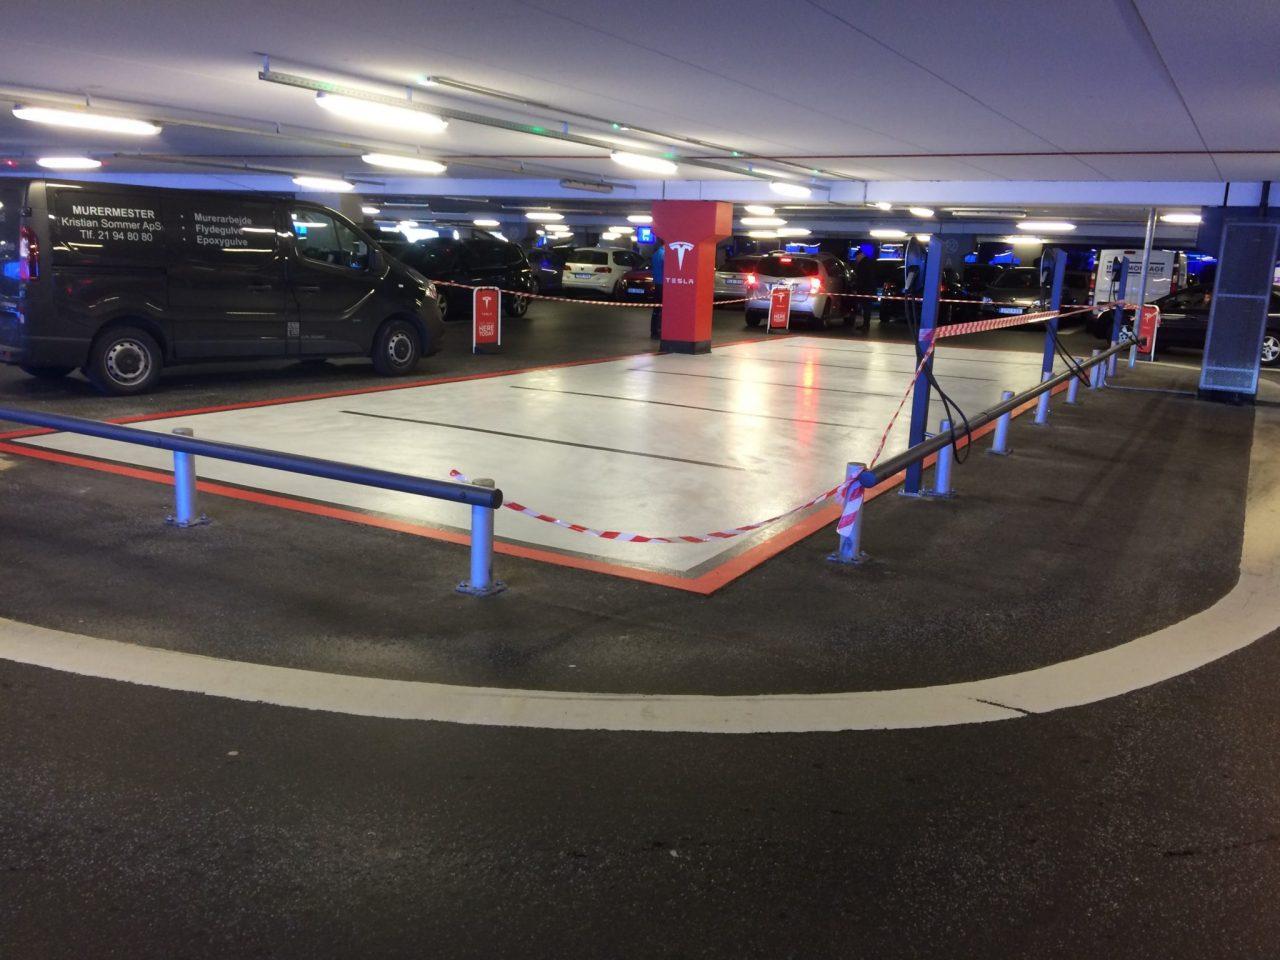 Parkering til Tesla biler